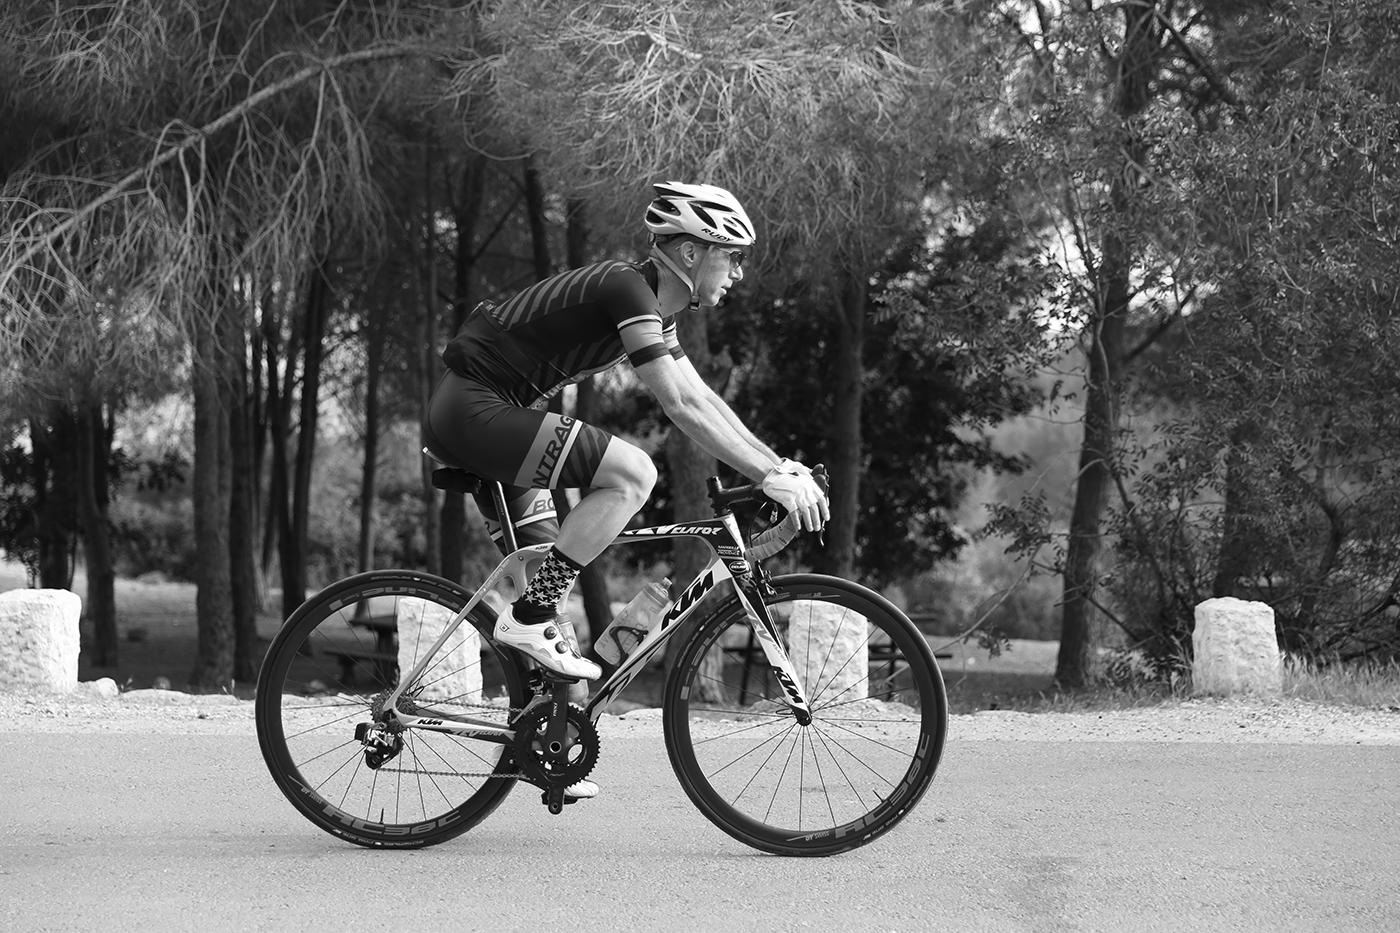 החושפים - אופני הכביש של KTM